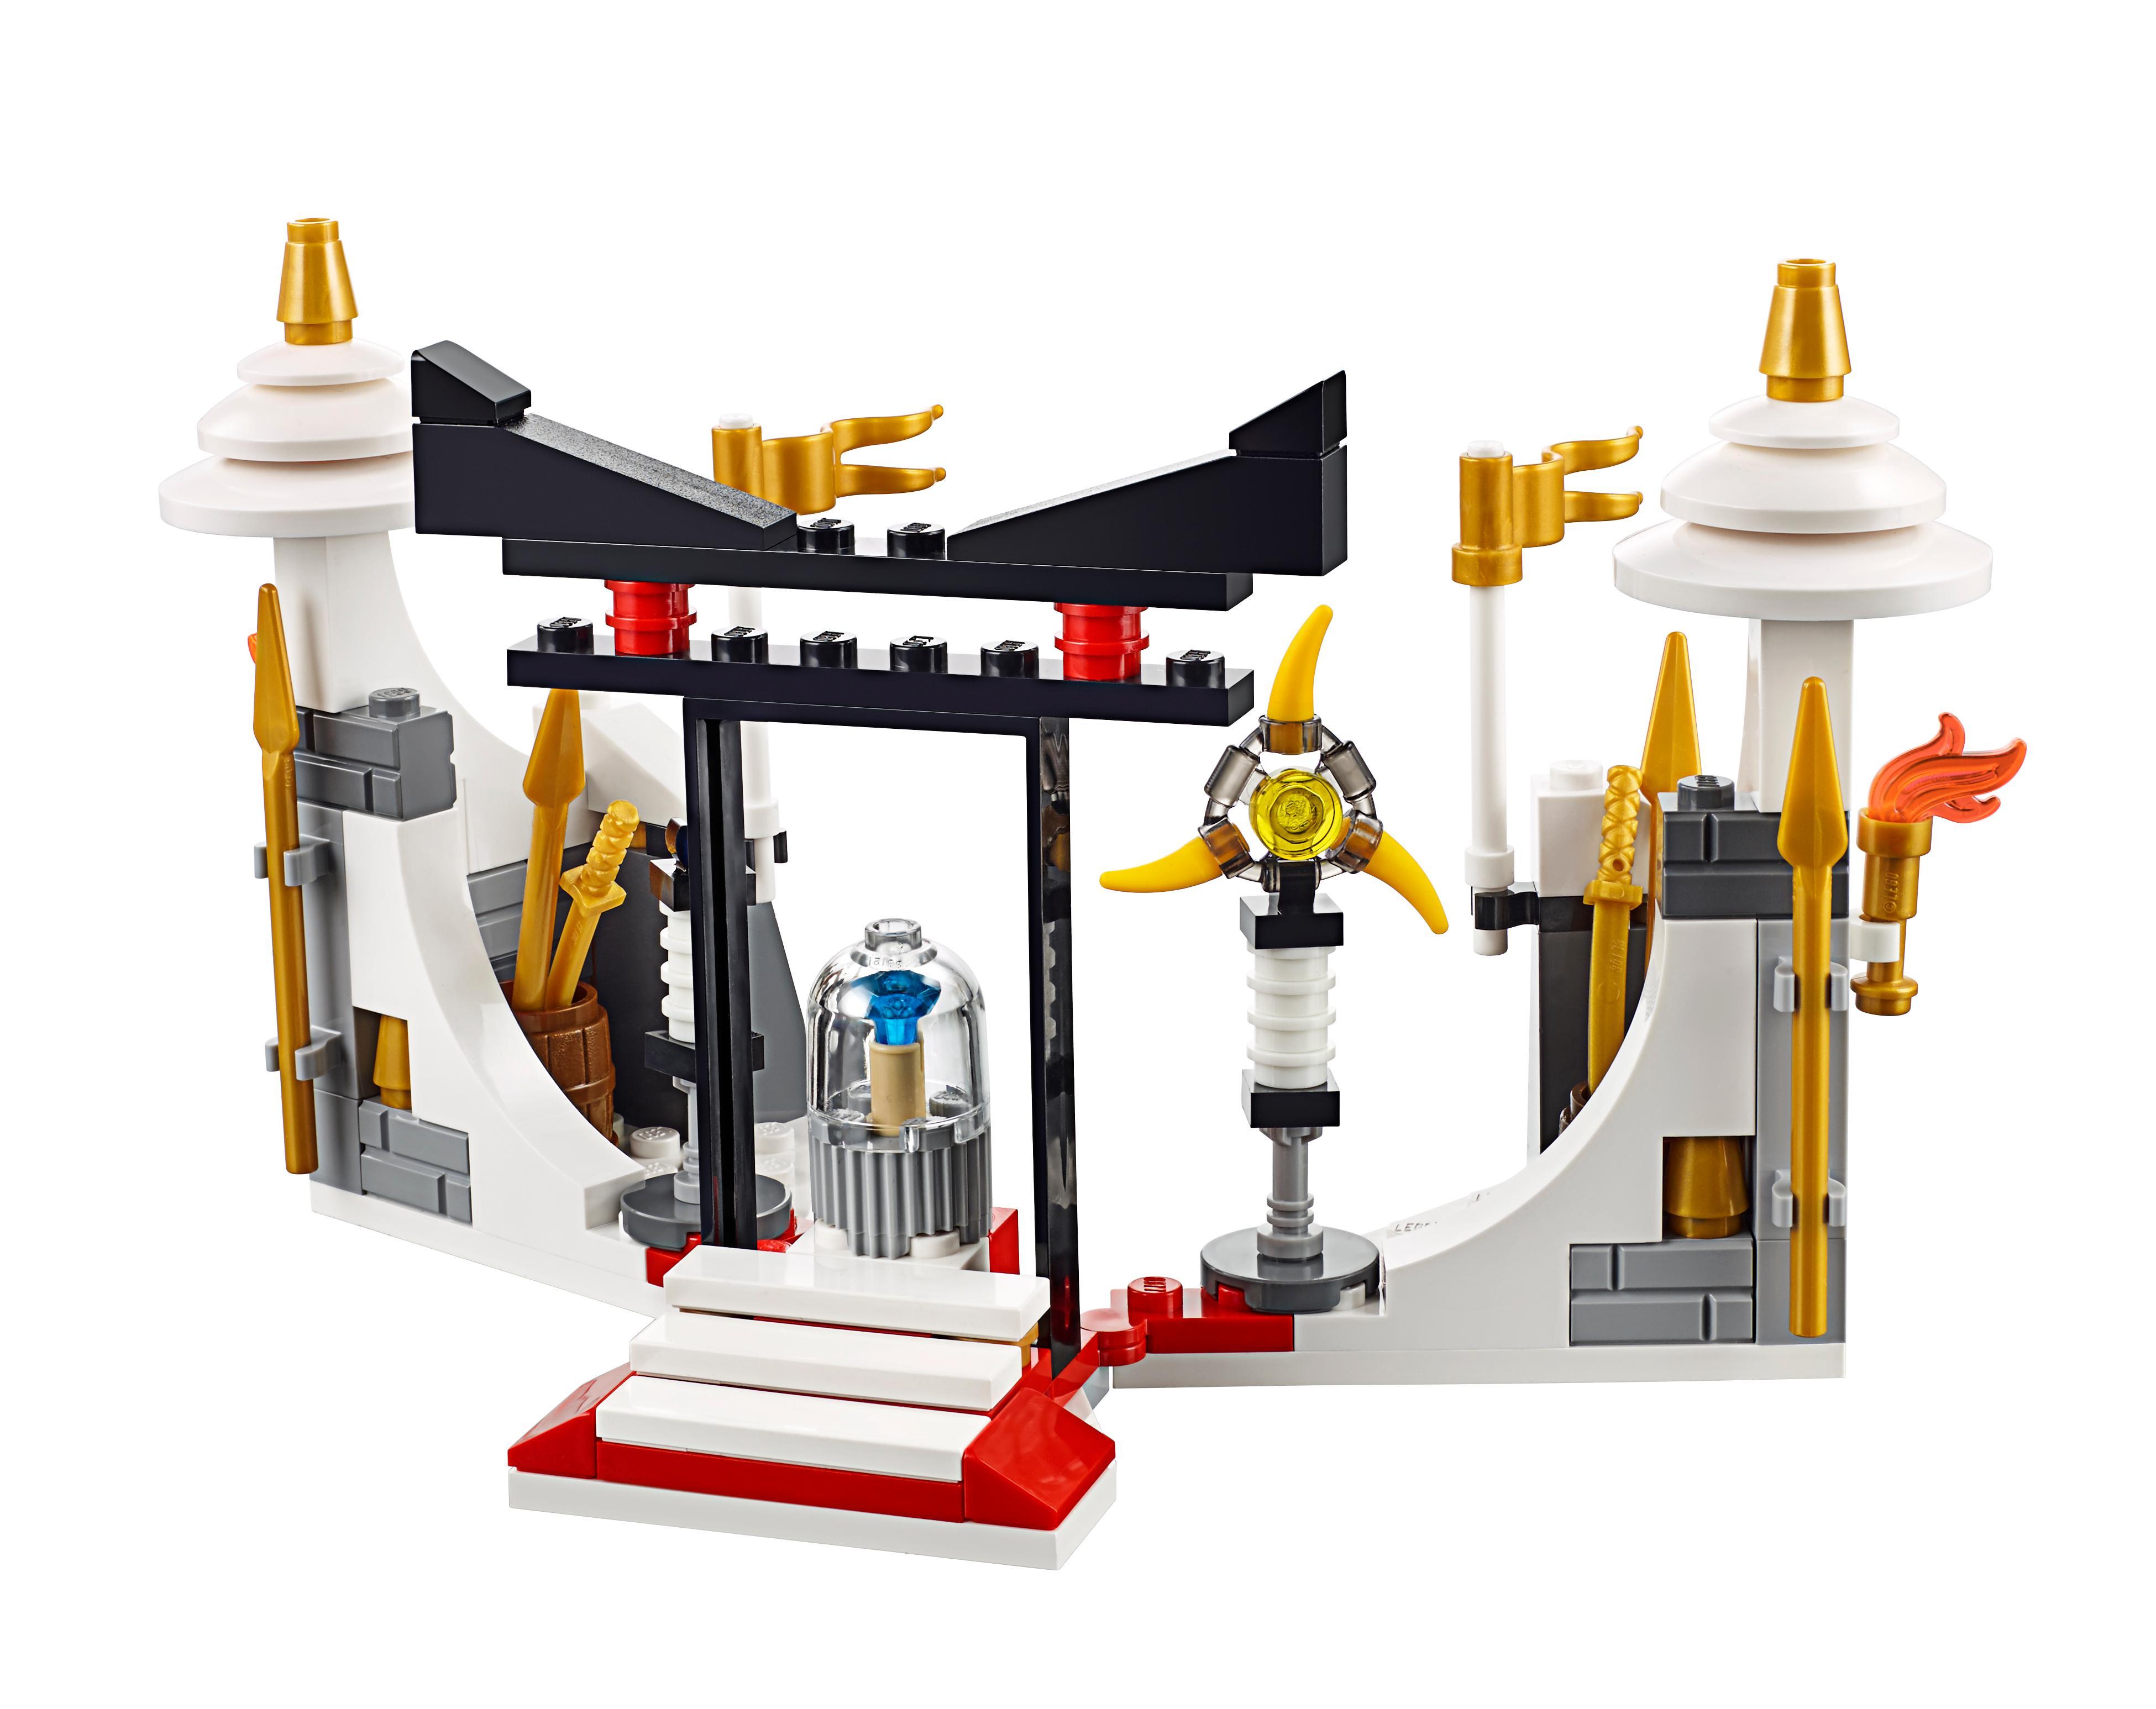 Amazon.com: LEGO Ninjago 70736 Attack of the Morro Dragon